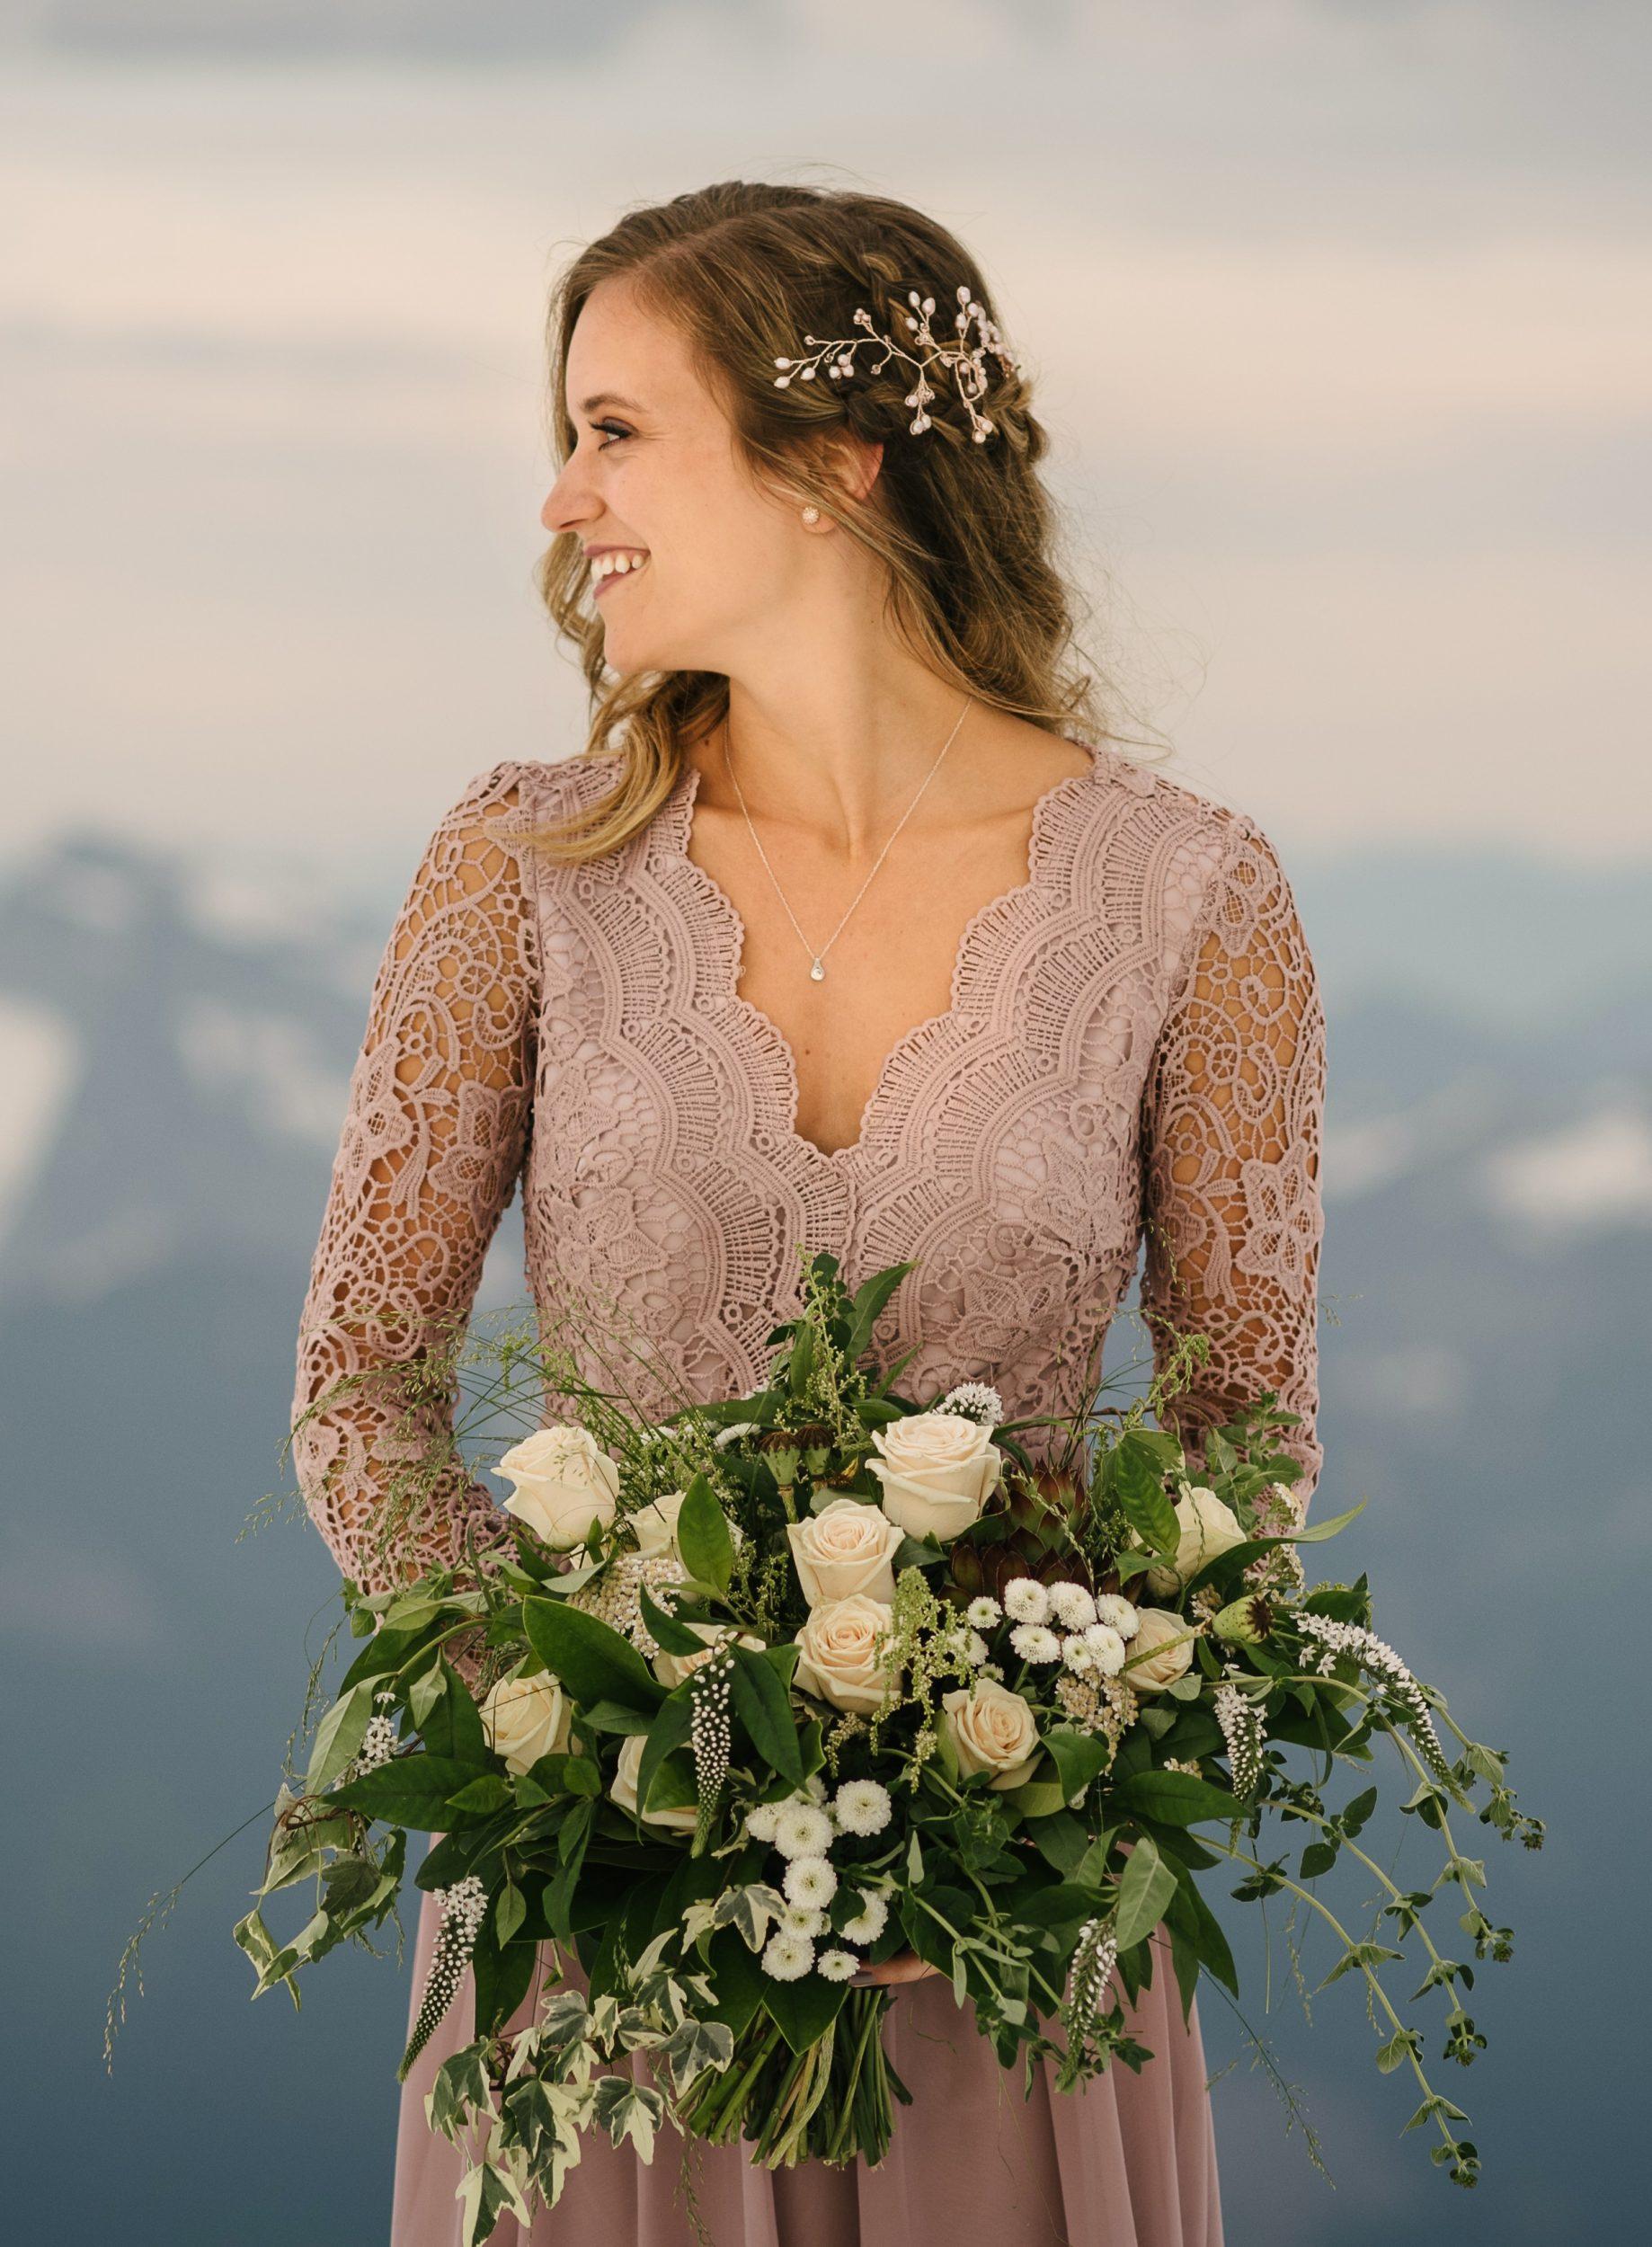 rose gold hair vine side swept hair for wedding